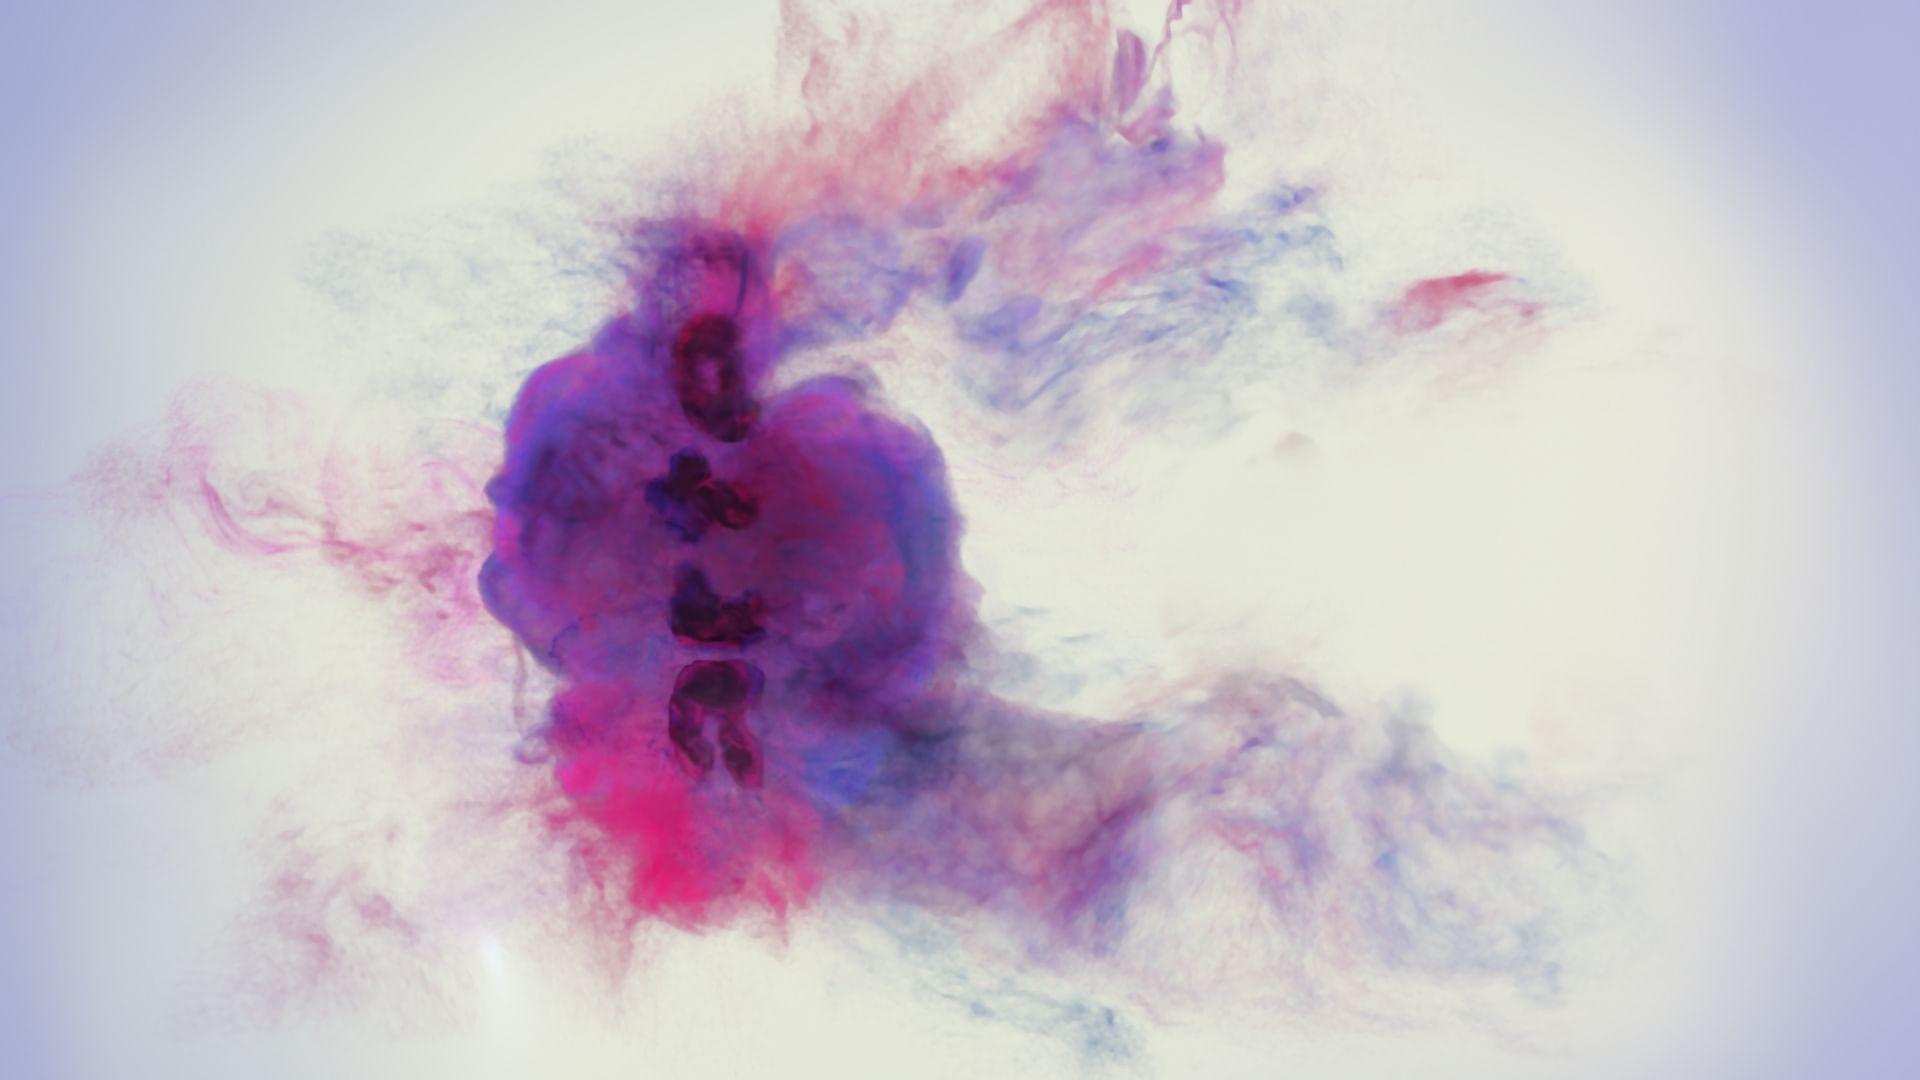 Blow up - Les zombies au cinéma